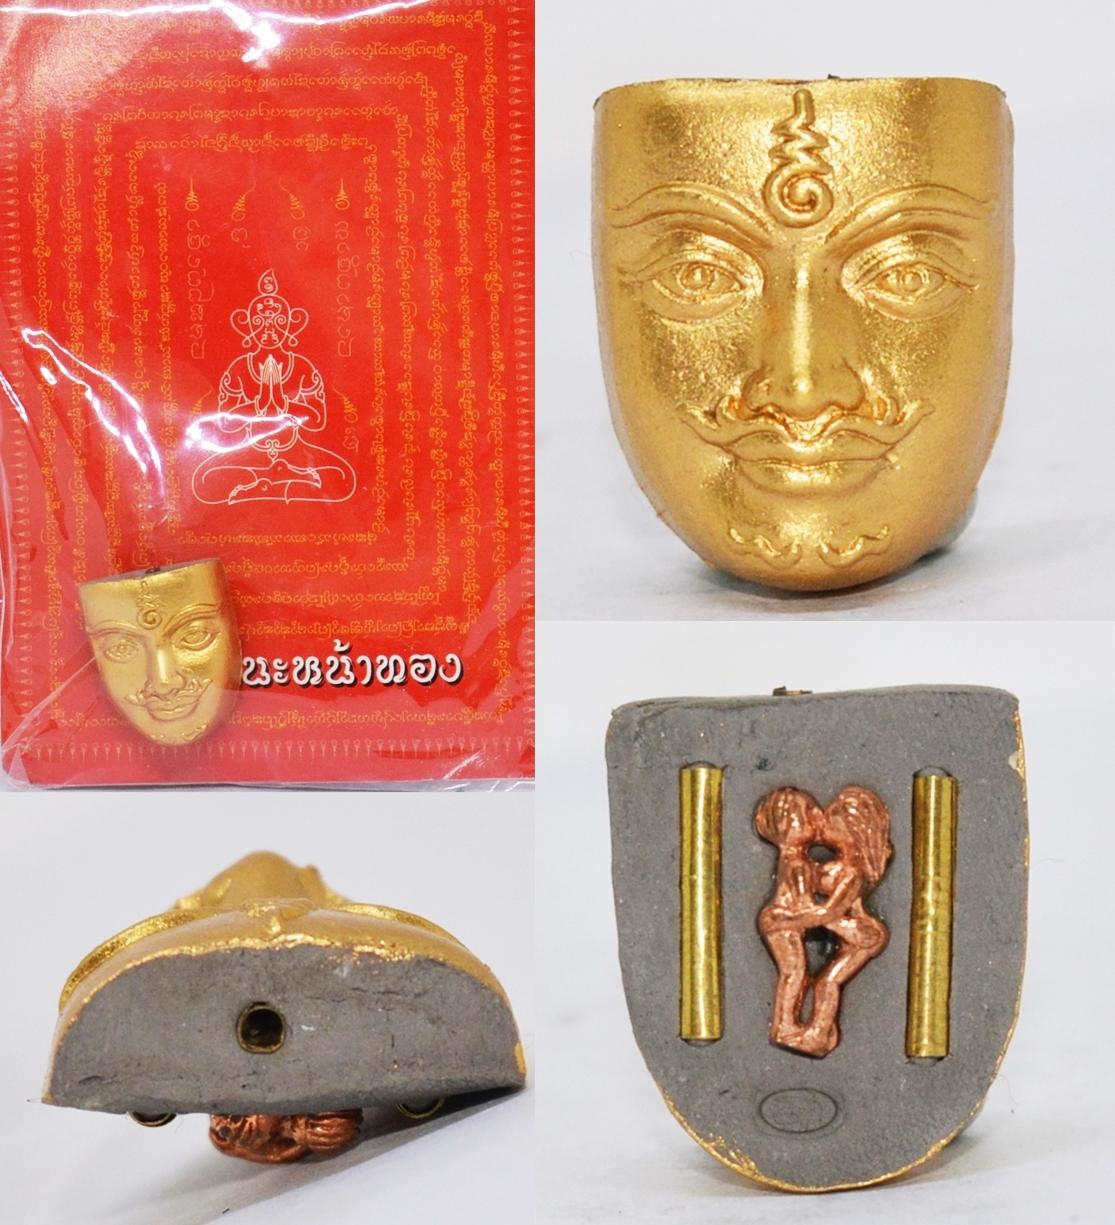 หน้ากากขุนแผนแสนเสน่ห์หน้าทอง พิมพ์เล็ก เนื้อผงเสน่ห์ยาแฝด  อาจารย์สุบิน นะหน้าทอง  2558